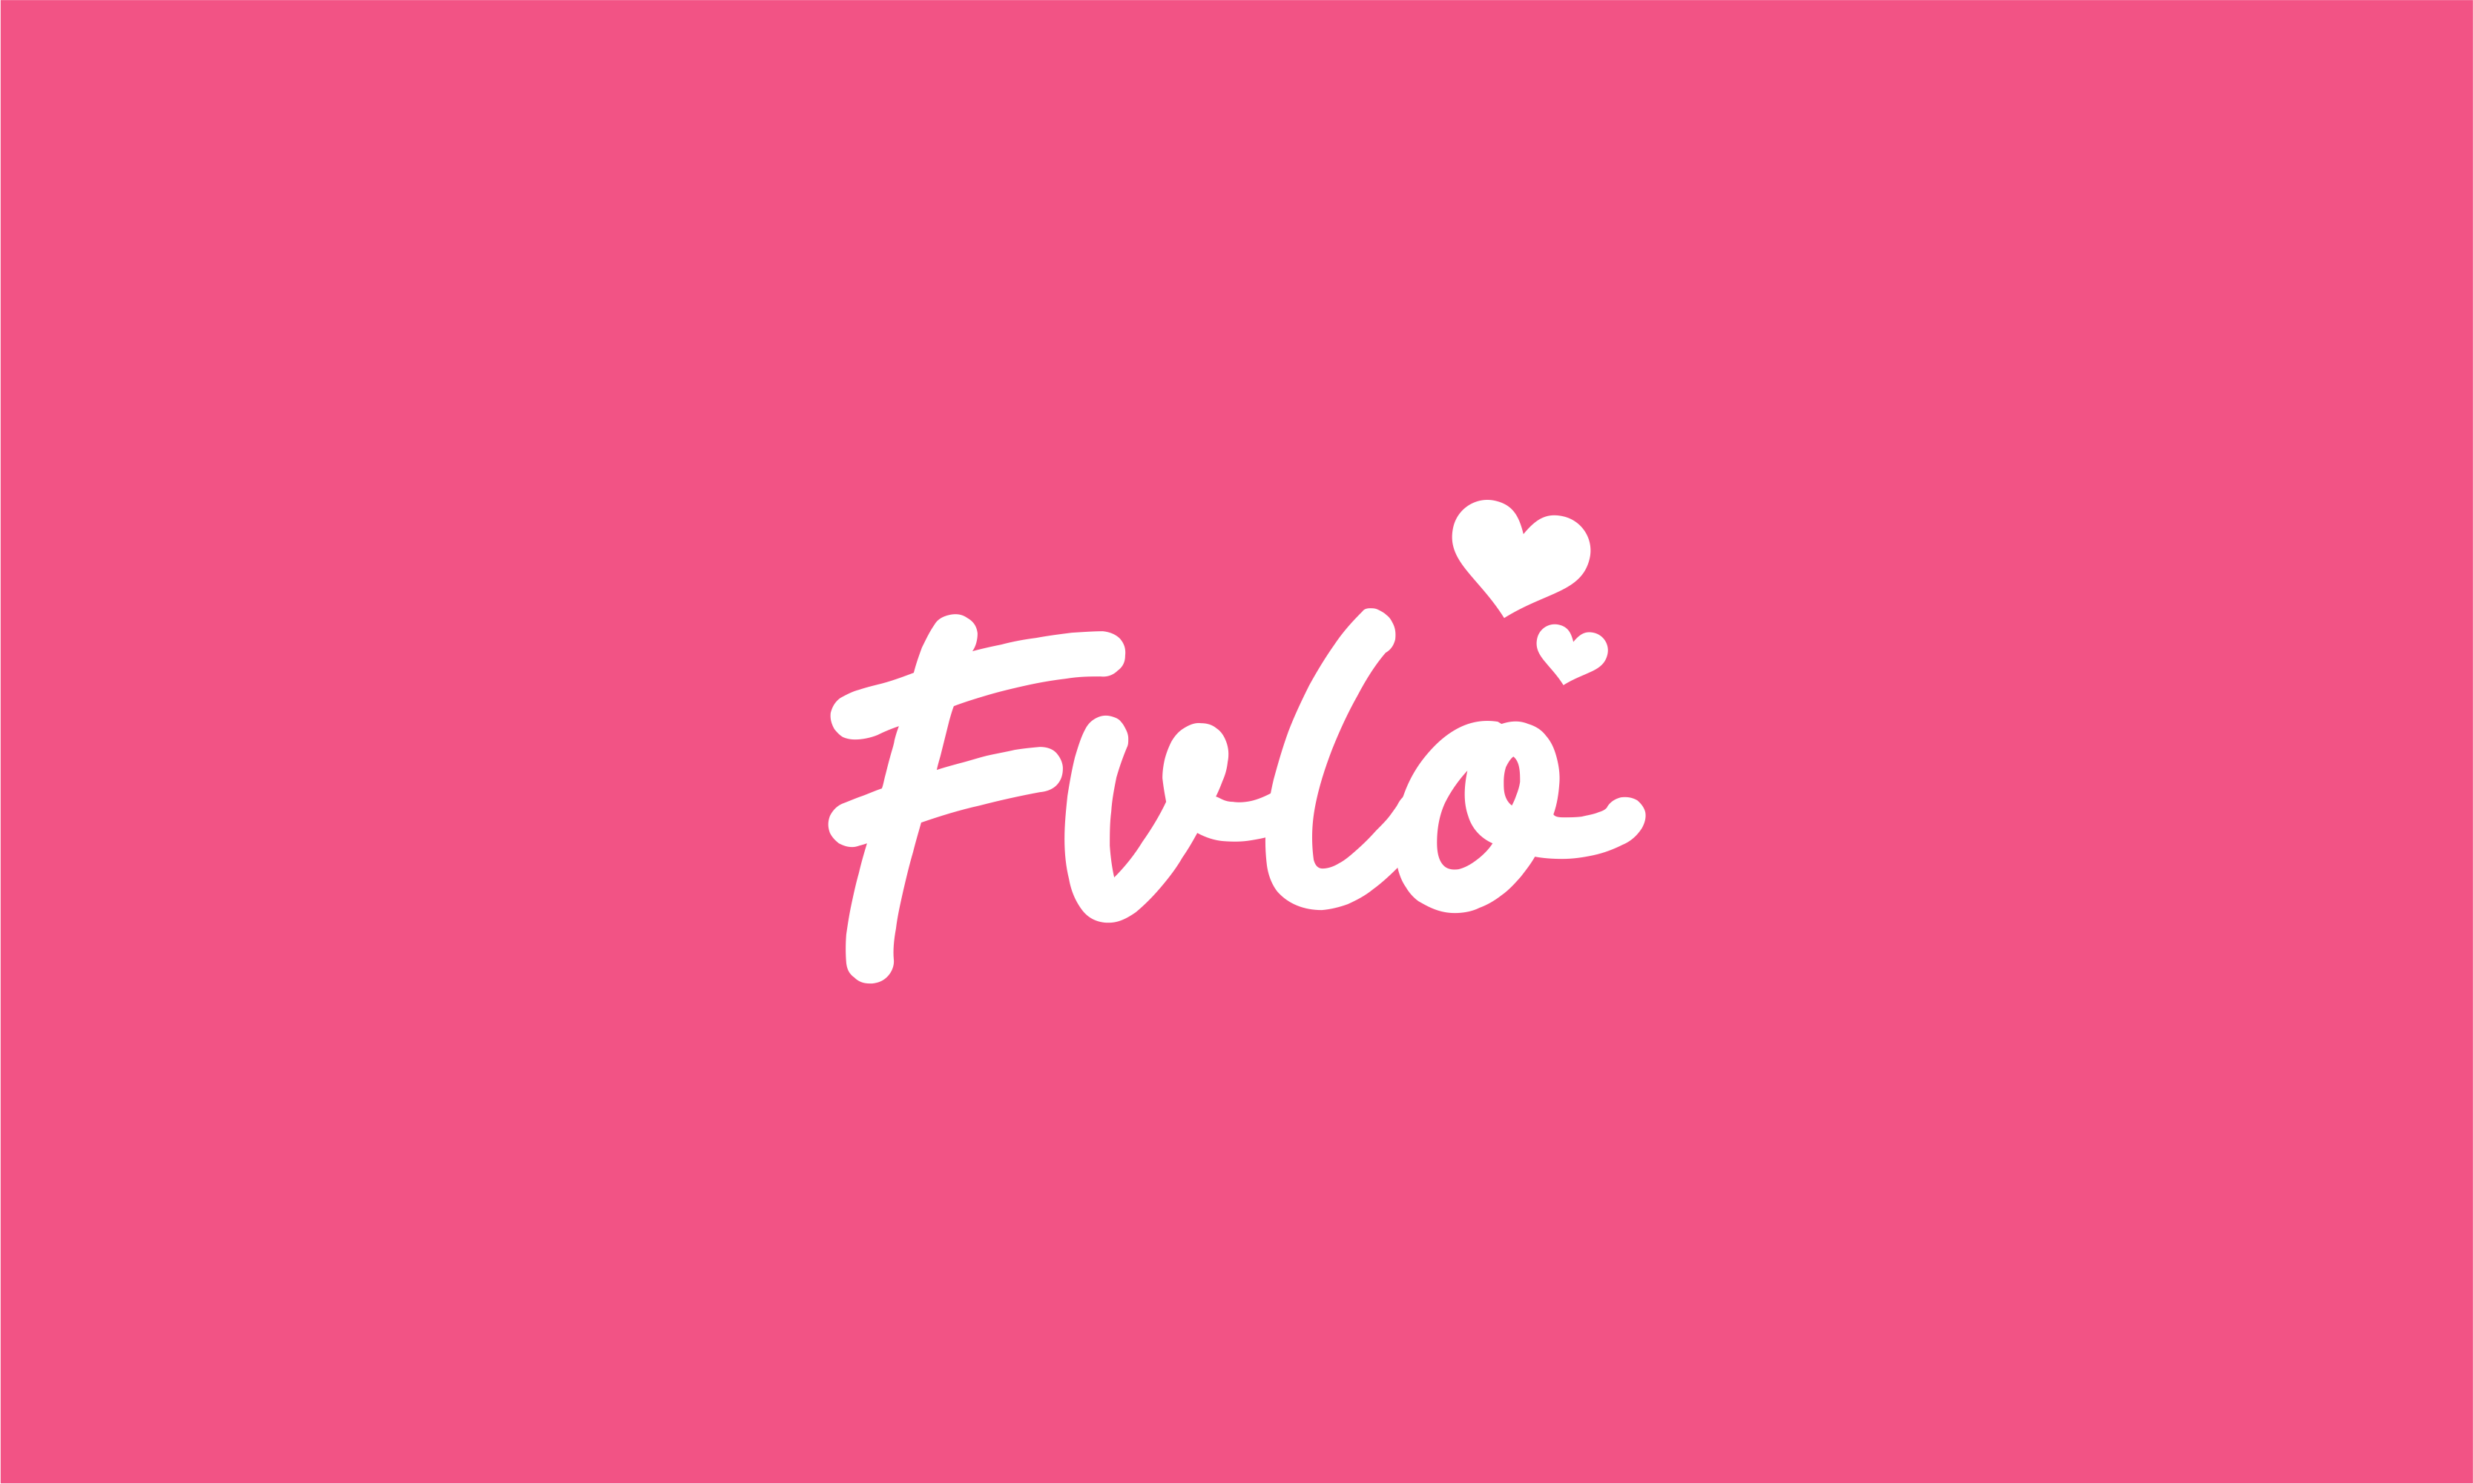 fvlo.com